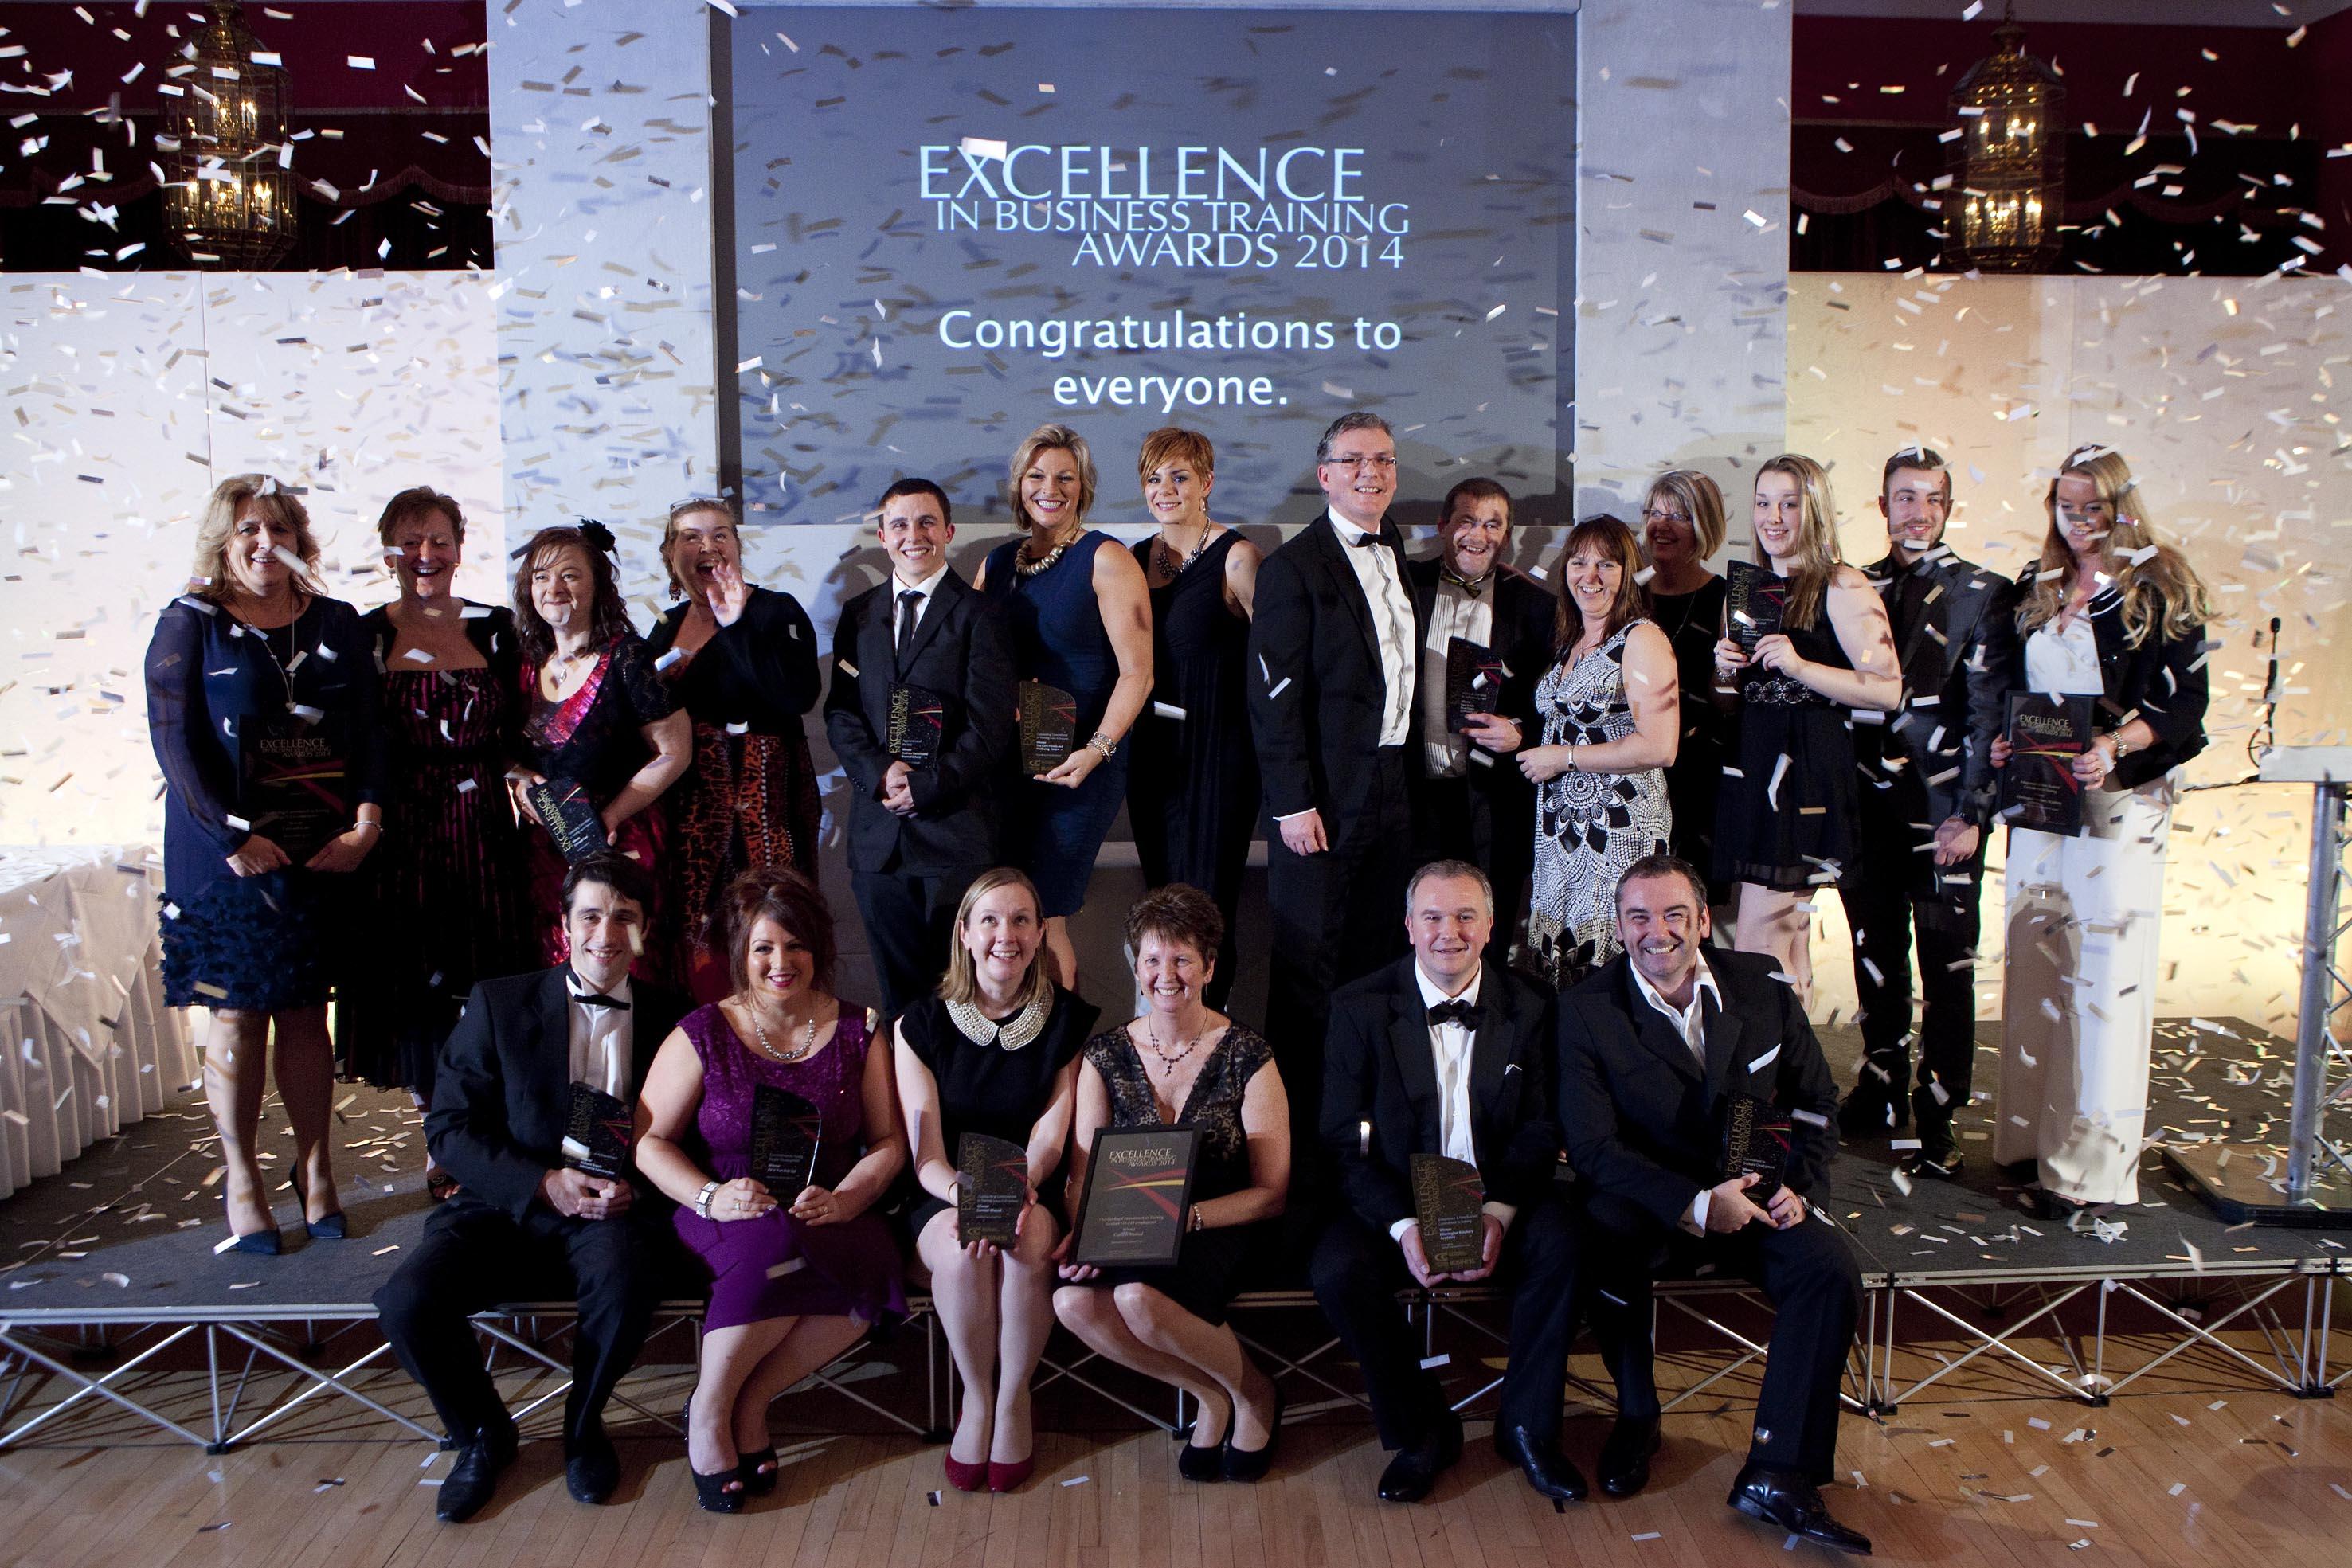 CCB Award winners 2014